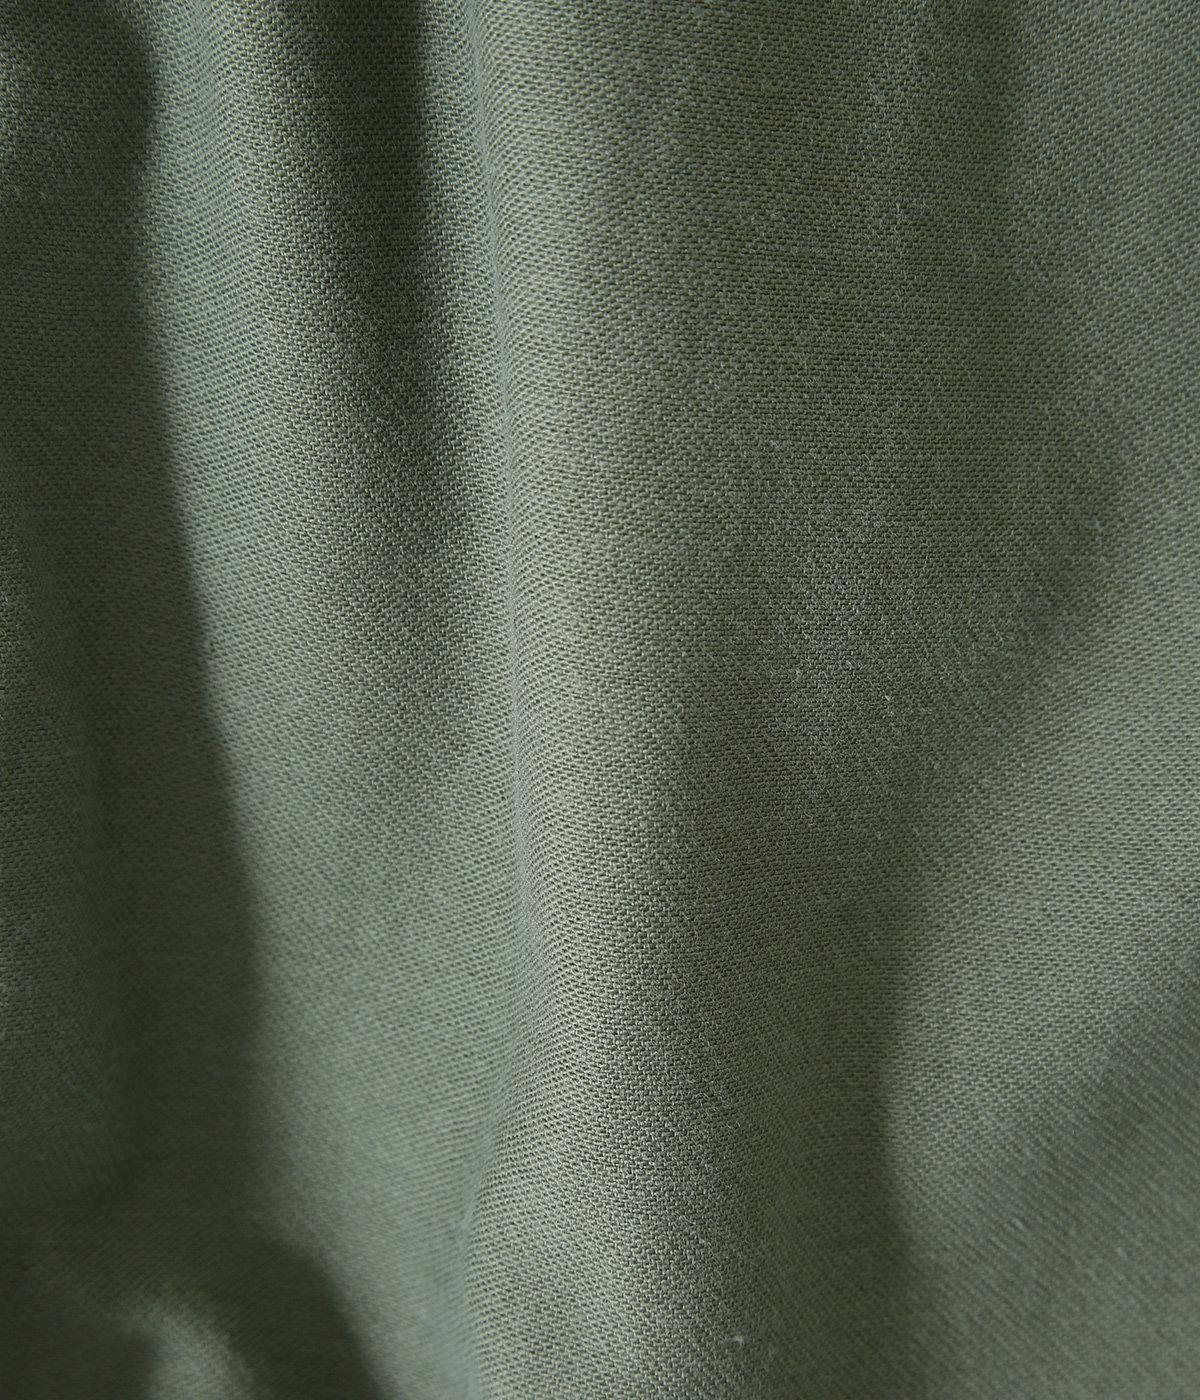 LIGHT BACKSATIN U.S.A.F. UTILITY PANTS